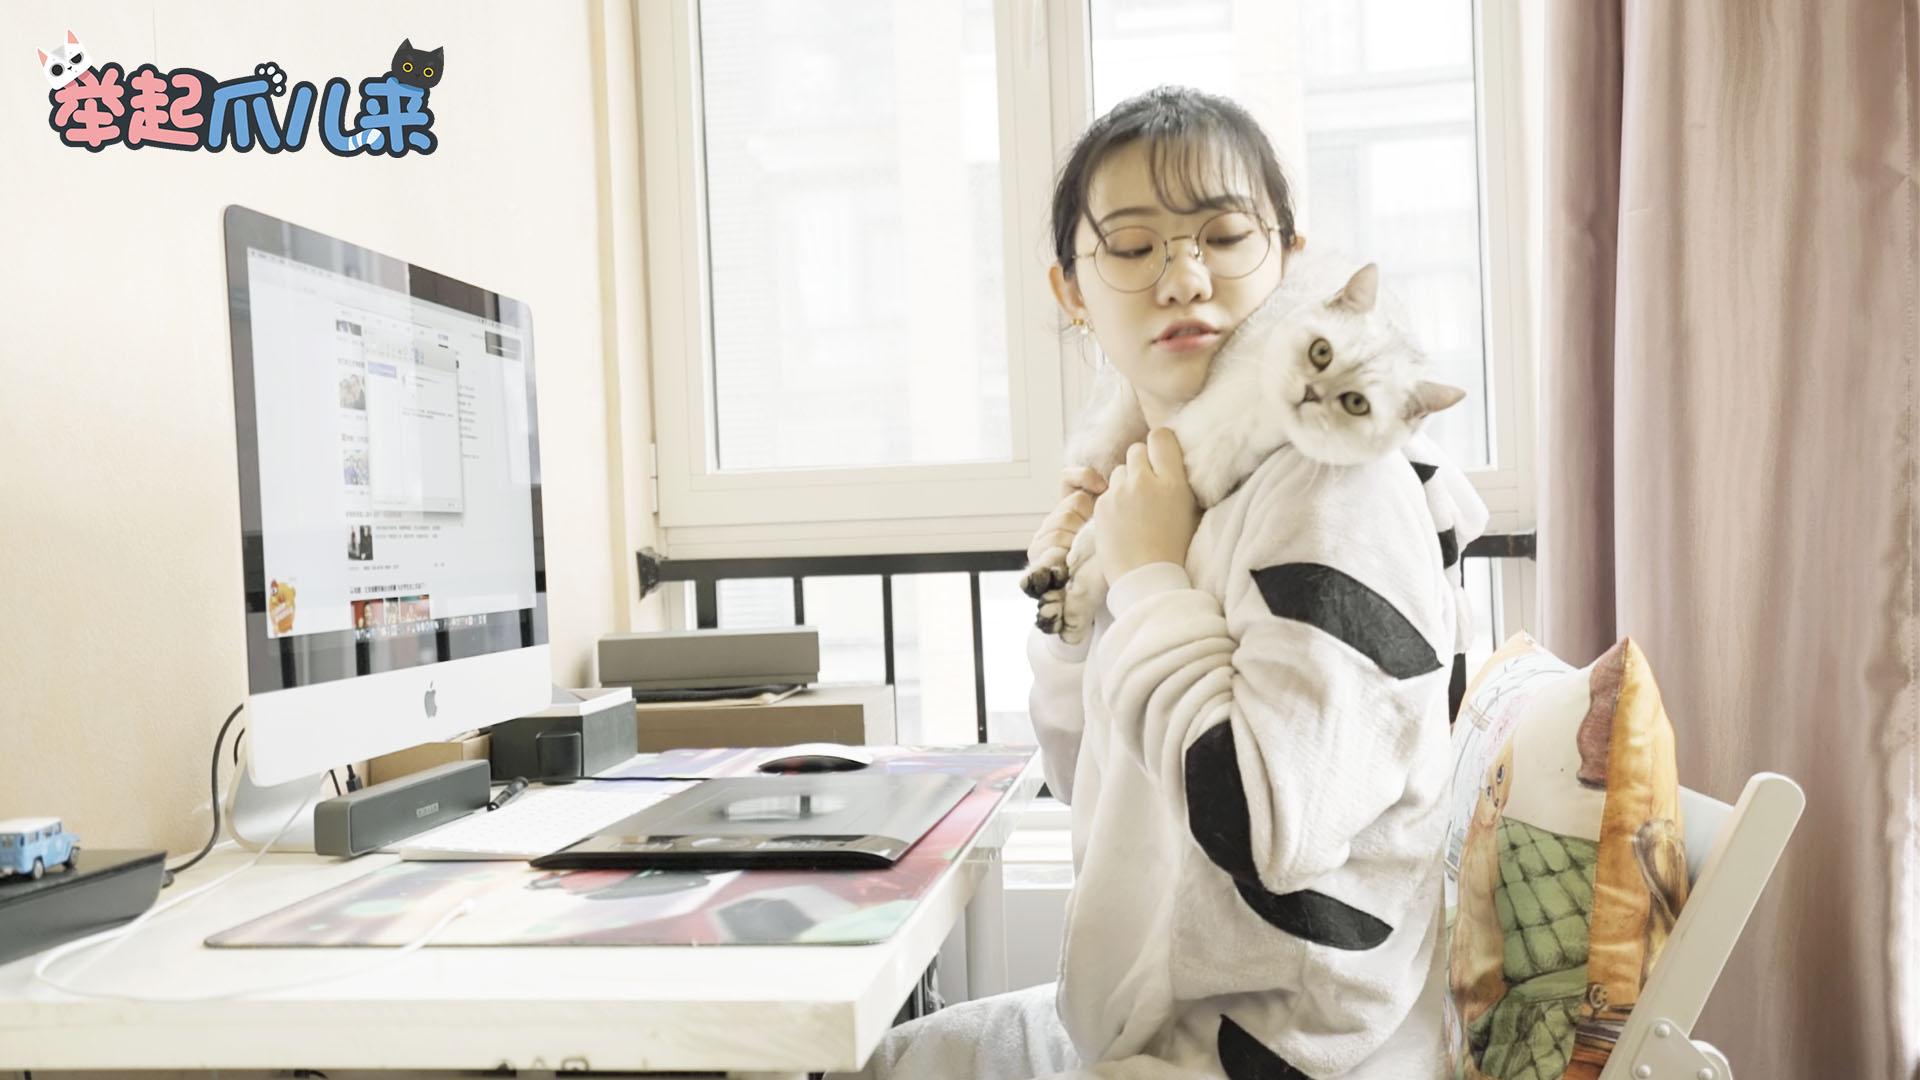 一般人不知道的猫奴9大怪癖,爱猫的你中招了吗?